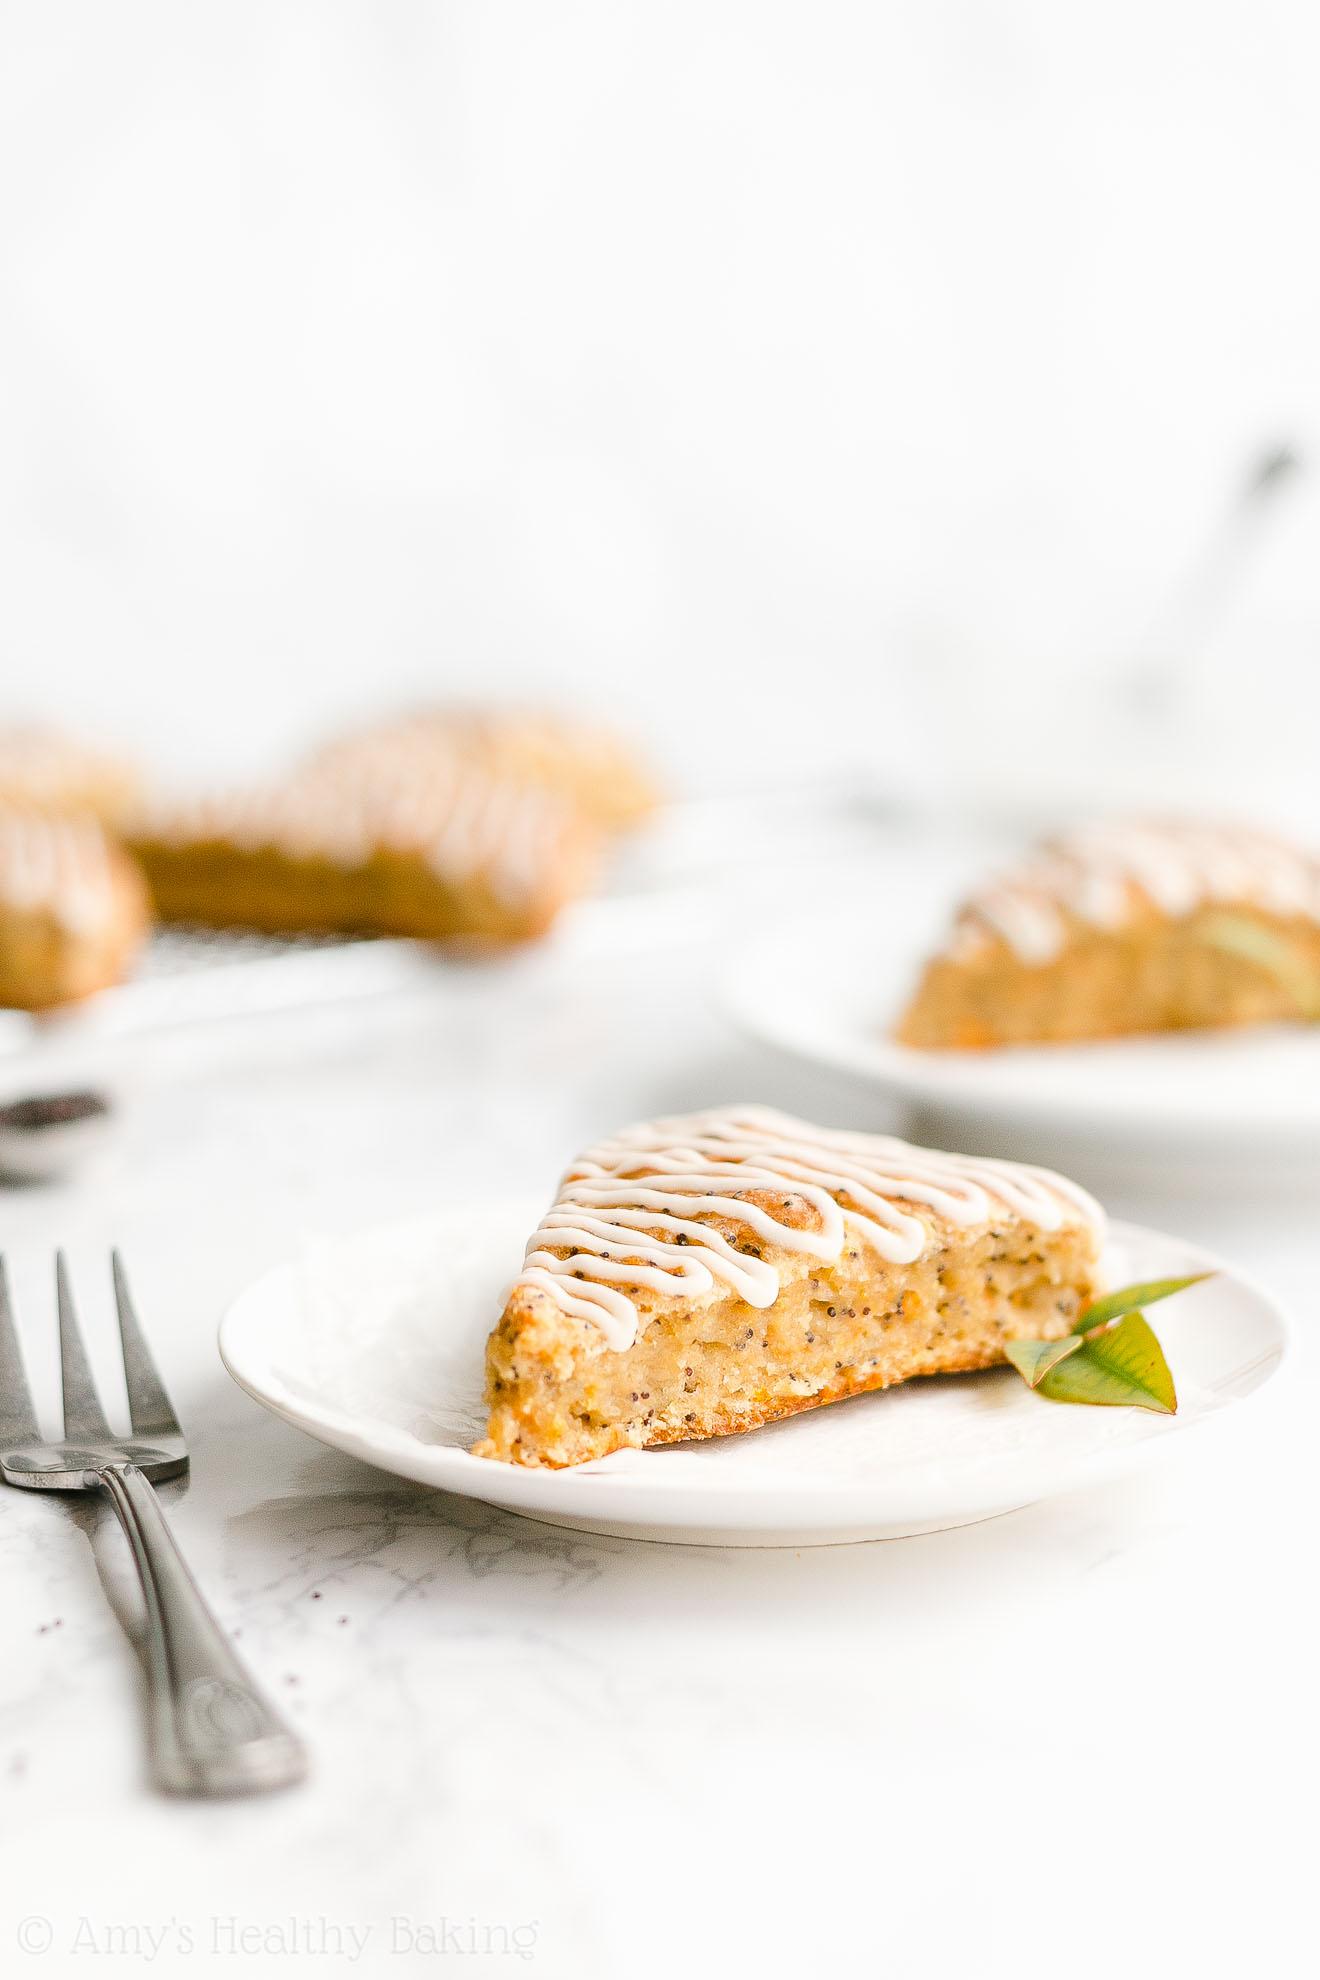 Easy Healthy Gluten Free Vegan Moist Low Fat Orange Poppy Seed Scones